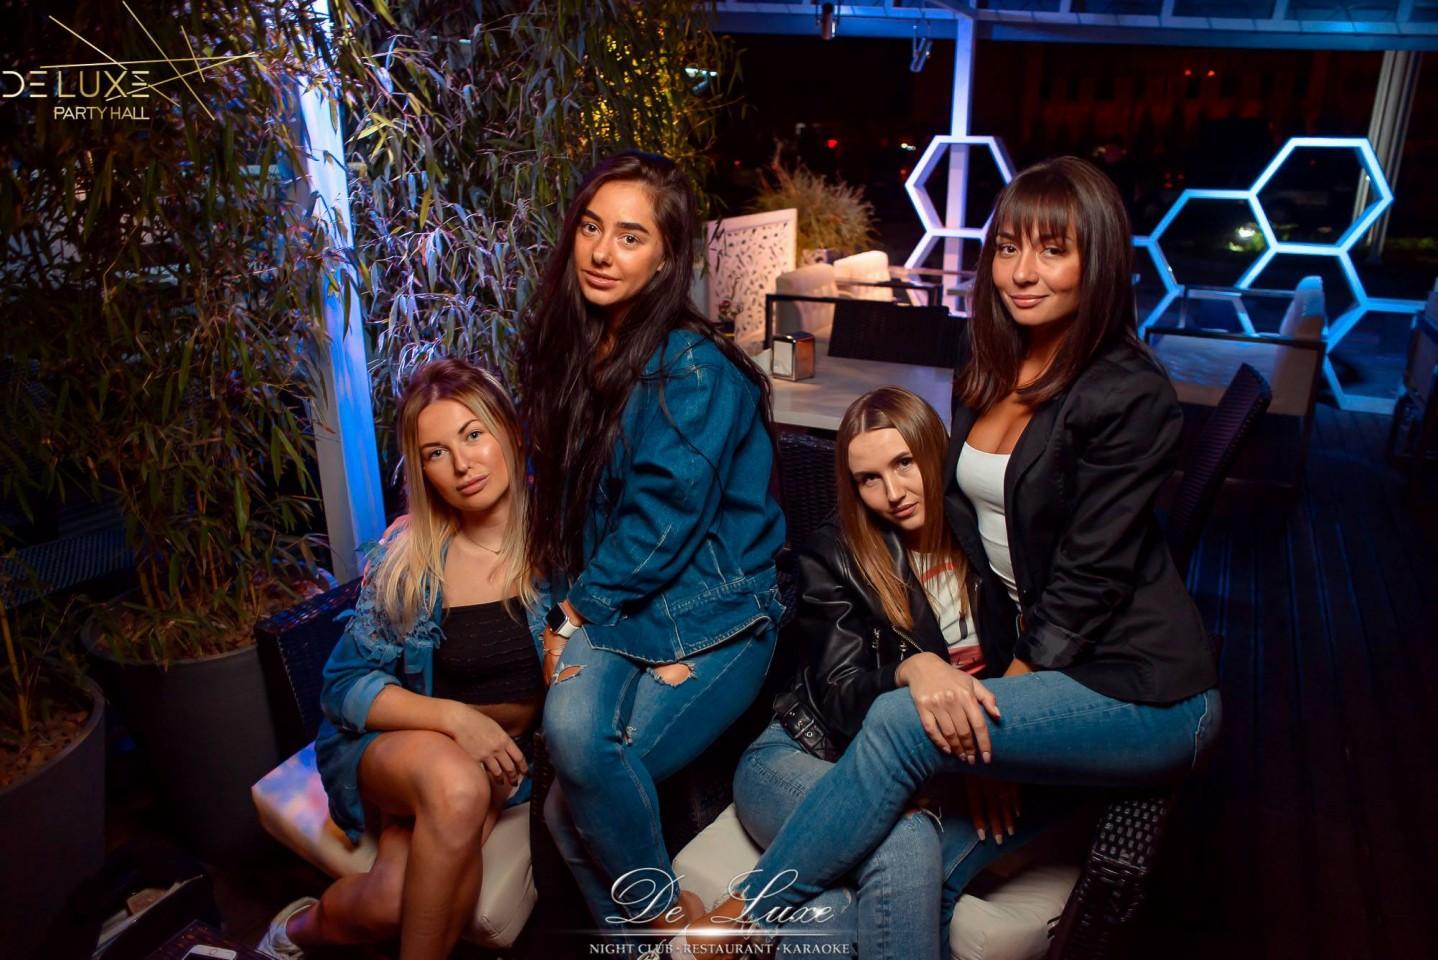 De Luxe night club | restaurant | karaoke - фото 48